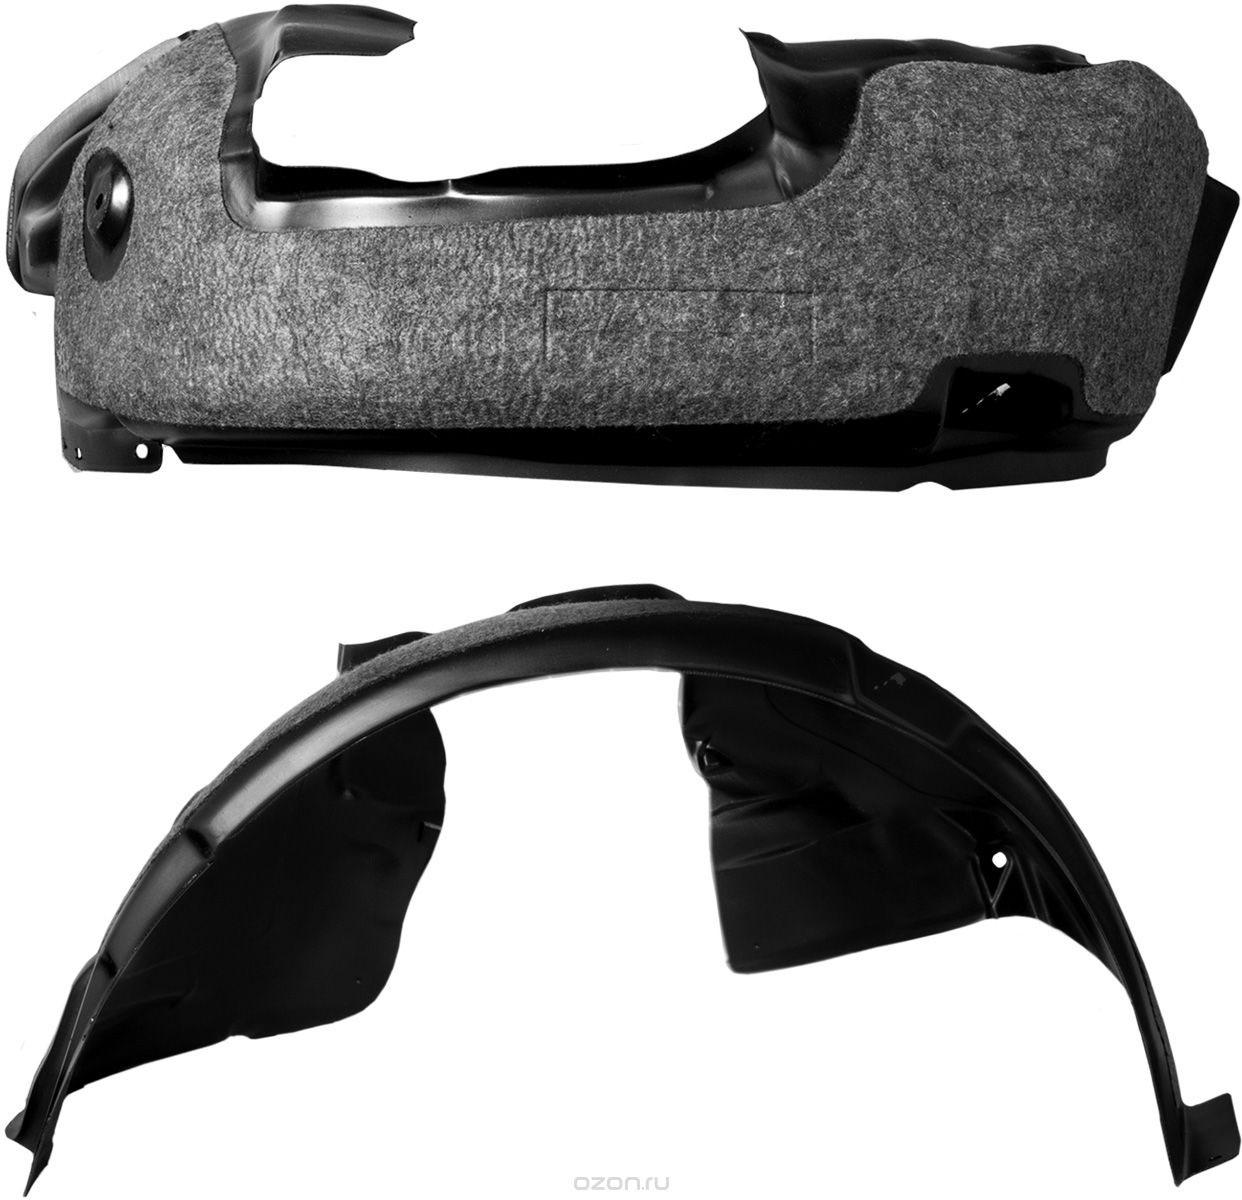 Подкрылок Novline-Autofamily с шумоизоляцией, для Hyundai Creta, 06/2016->, кроссовер, передний правыйNLS.20.47.002Идеальная защита колесной ниши. Локеры разработаны с применением цифровых технологий, гарантируют максимальную повторяемость поверхности арки. Изделия устанавливаются без нарушения лакокрасочного покрытия автомобиля, каждый подкрылок комплектуется крепежом. Уважаемые клиенты, обращаем ваше внимание, что фотографии на подкрылки универсальные и не отражают реальную форму изделия. При этом само изделие идет точно под размер указанного автомобиля.